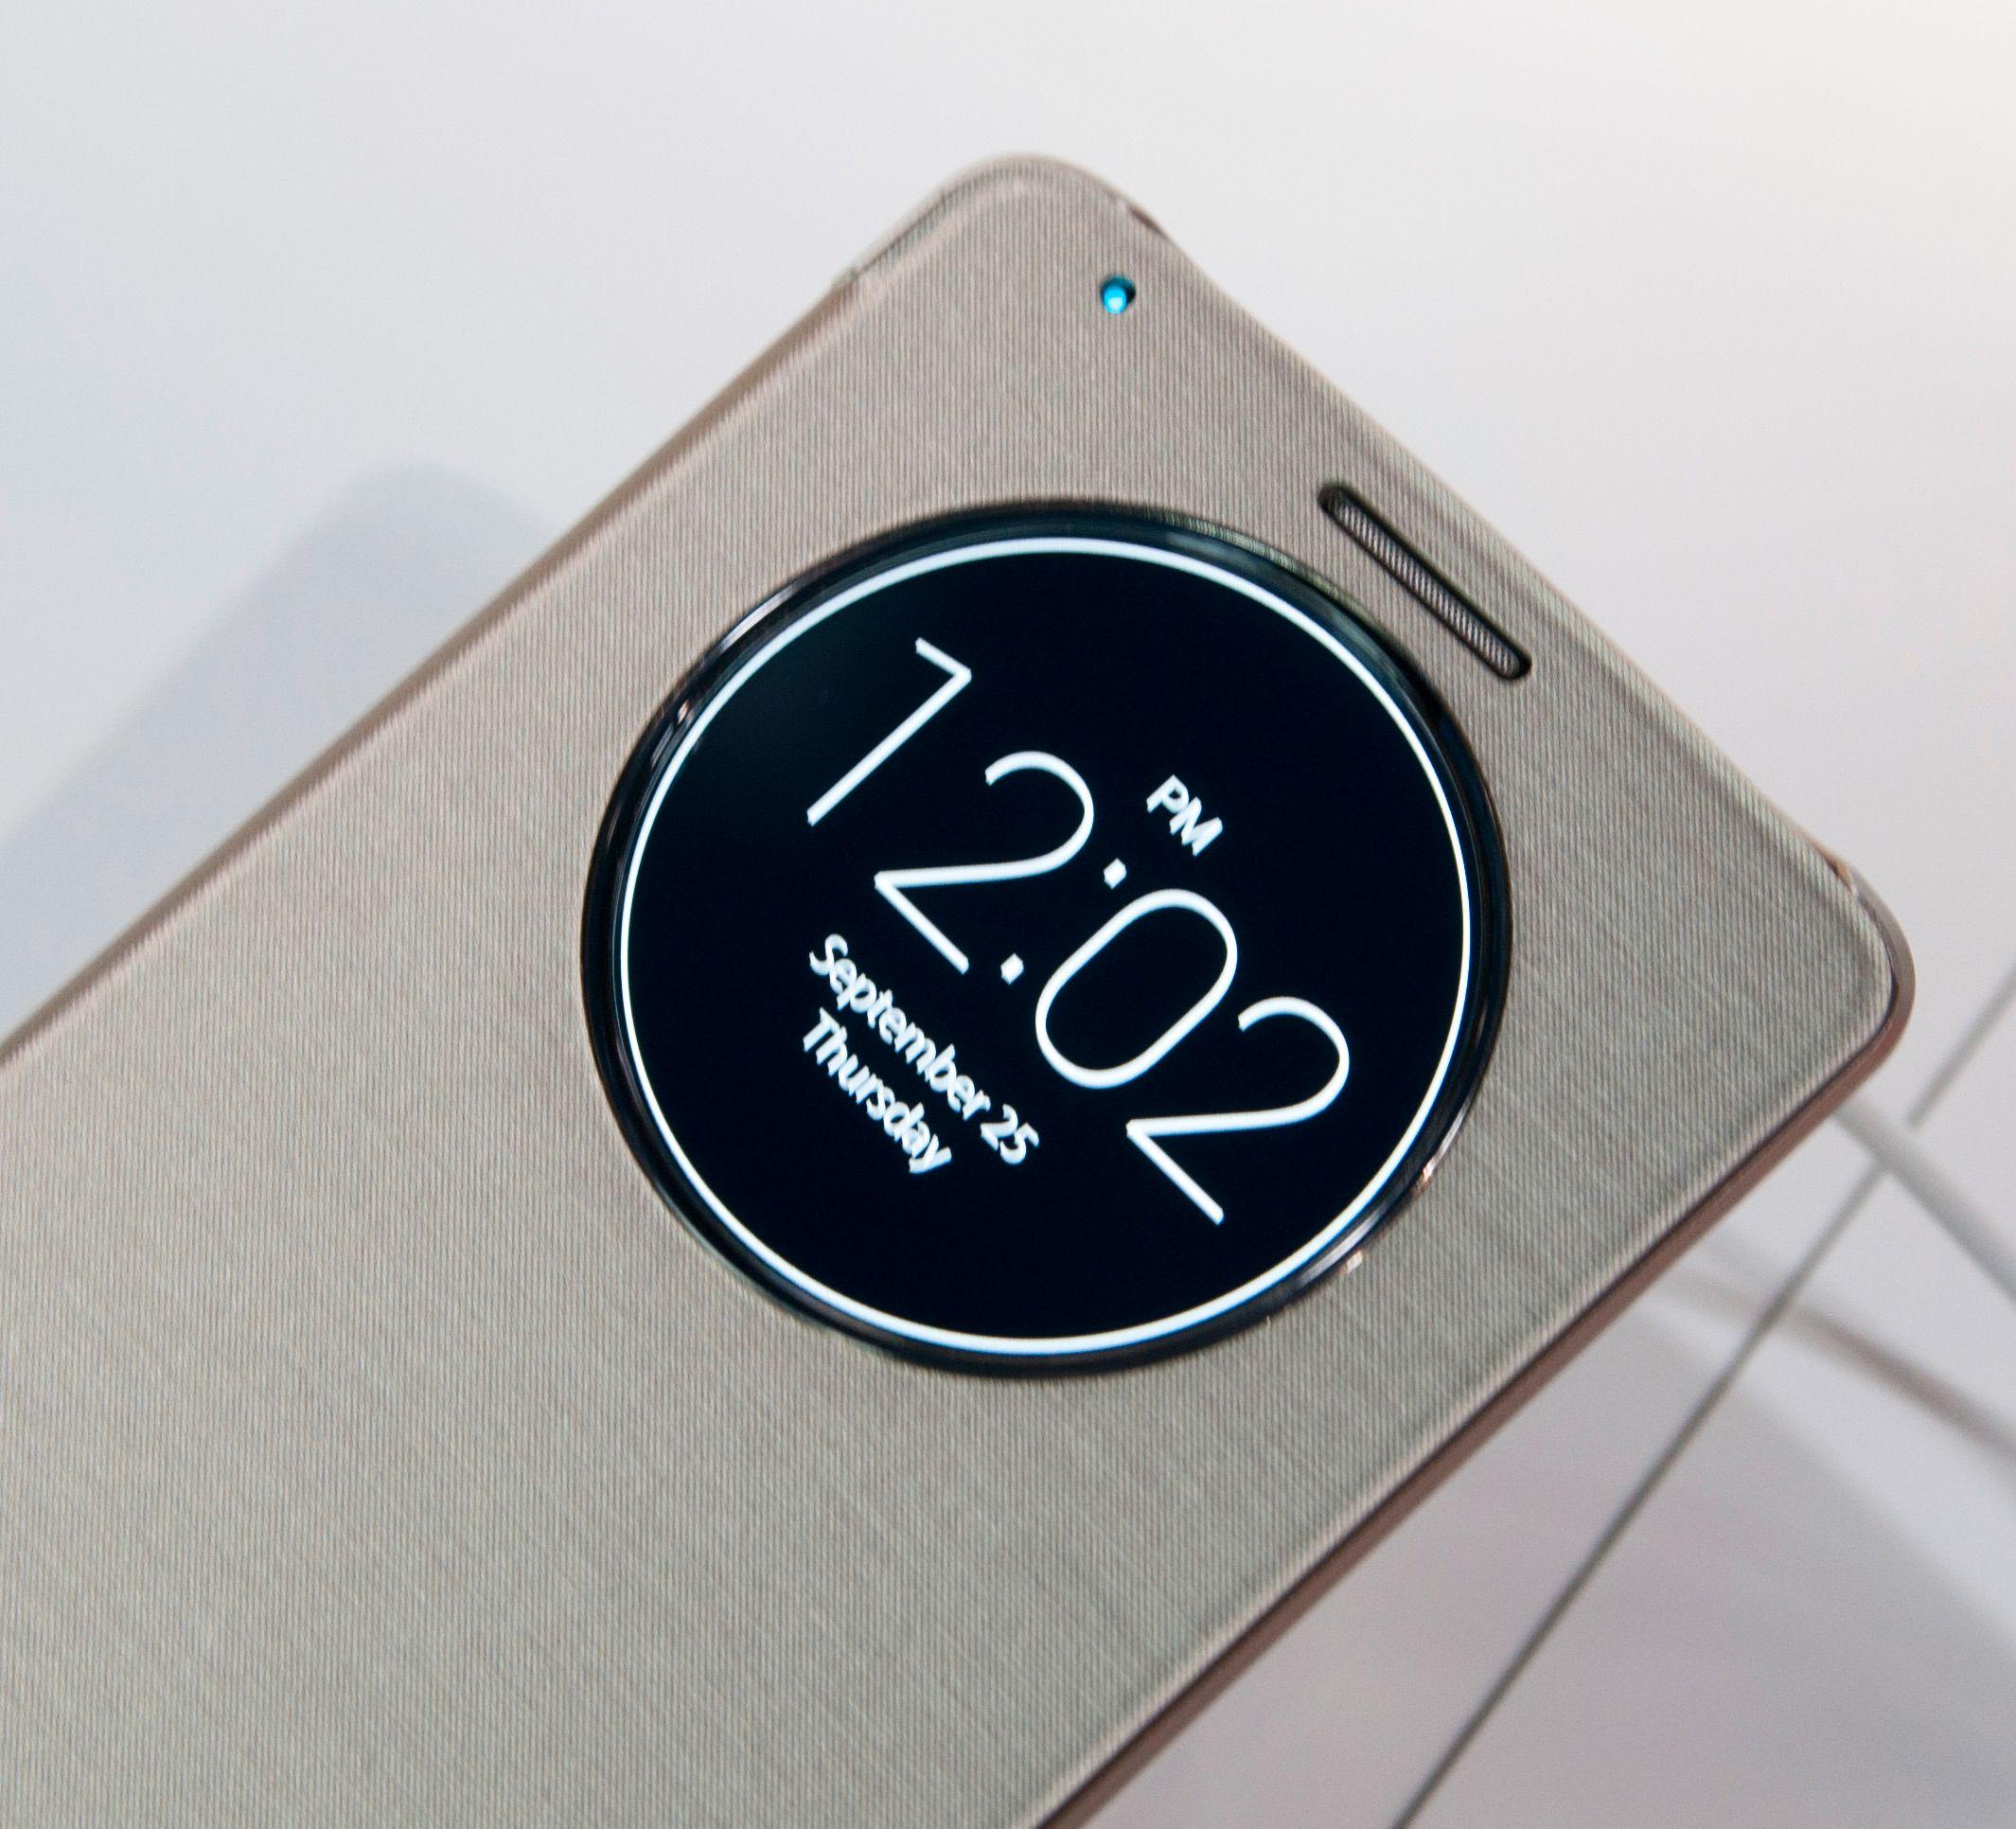 Lansere en ny toppmodell uten et deksel til? Det går ikke. LGs nye smartdeksel har et rundt øye som kan vise informasjon når telefonen er låst.Foto: Finn Jarle Kvalheim, Amobil.no